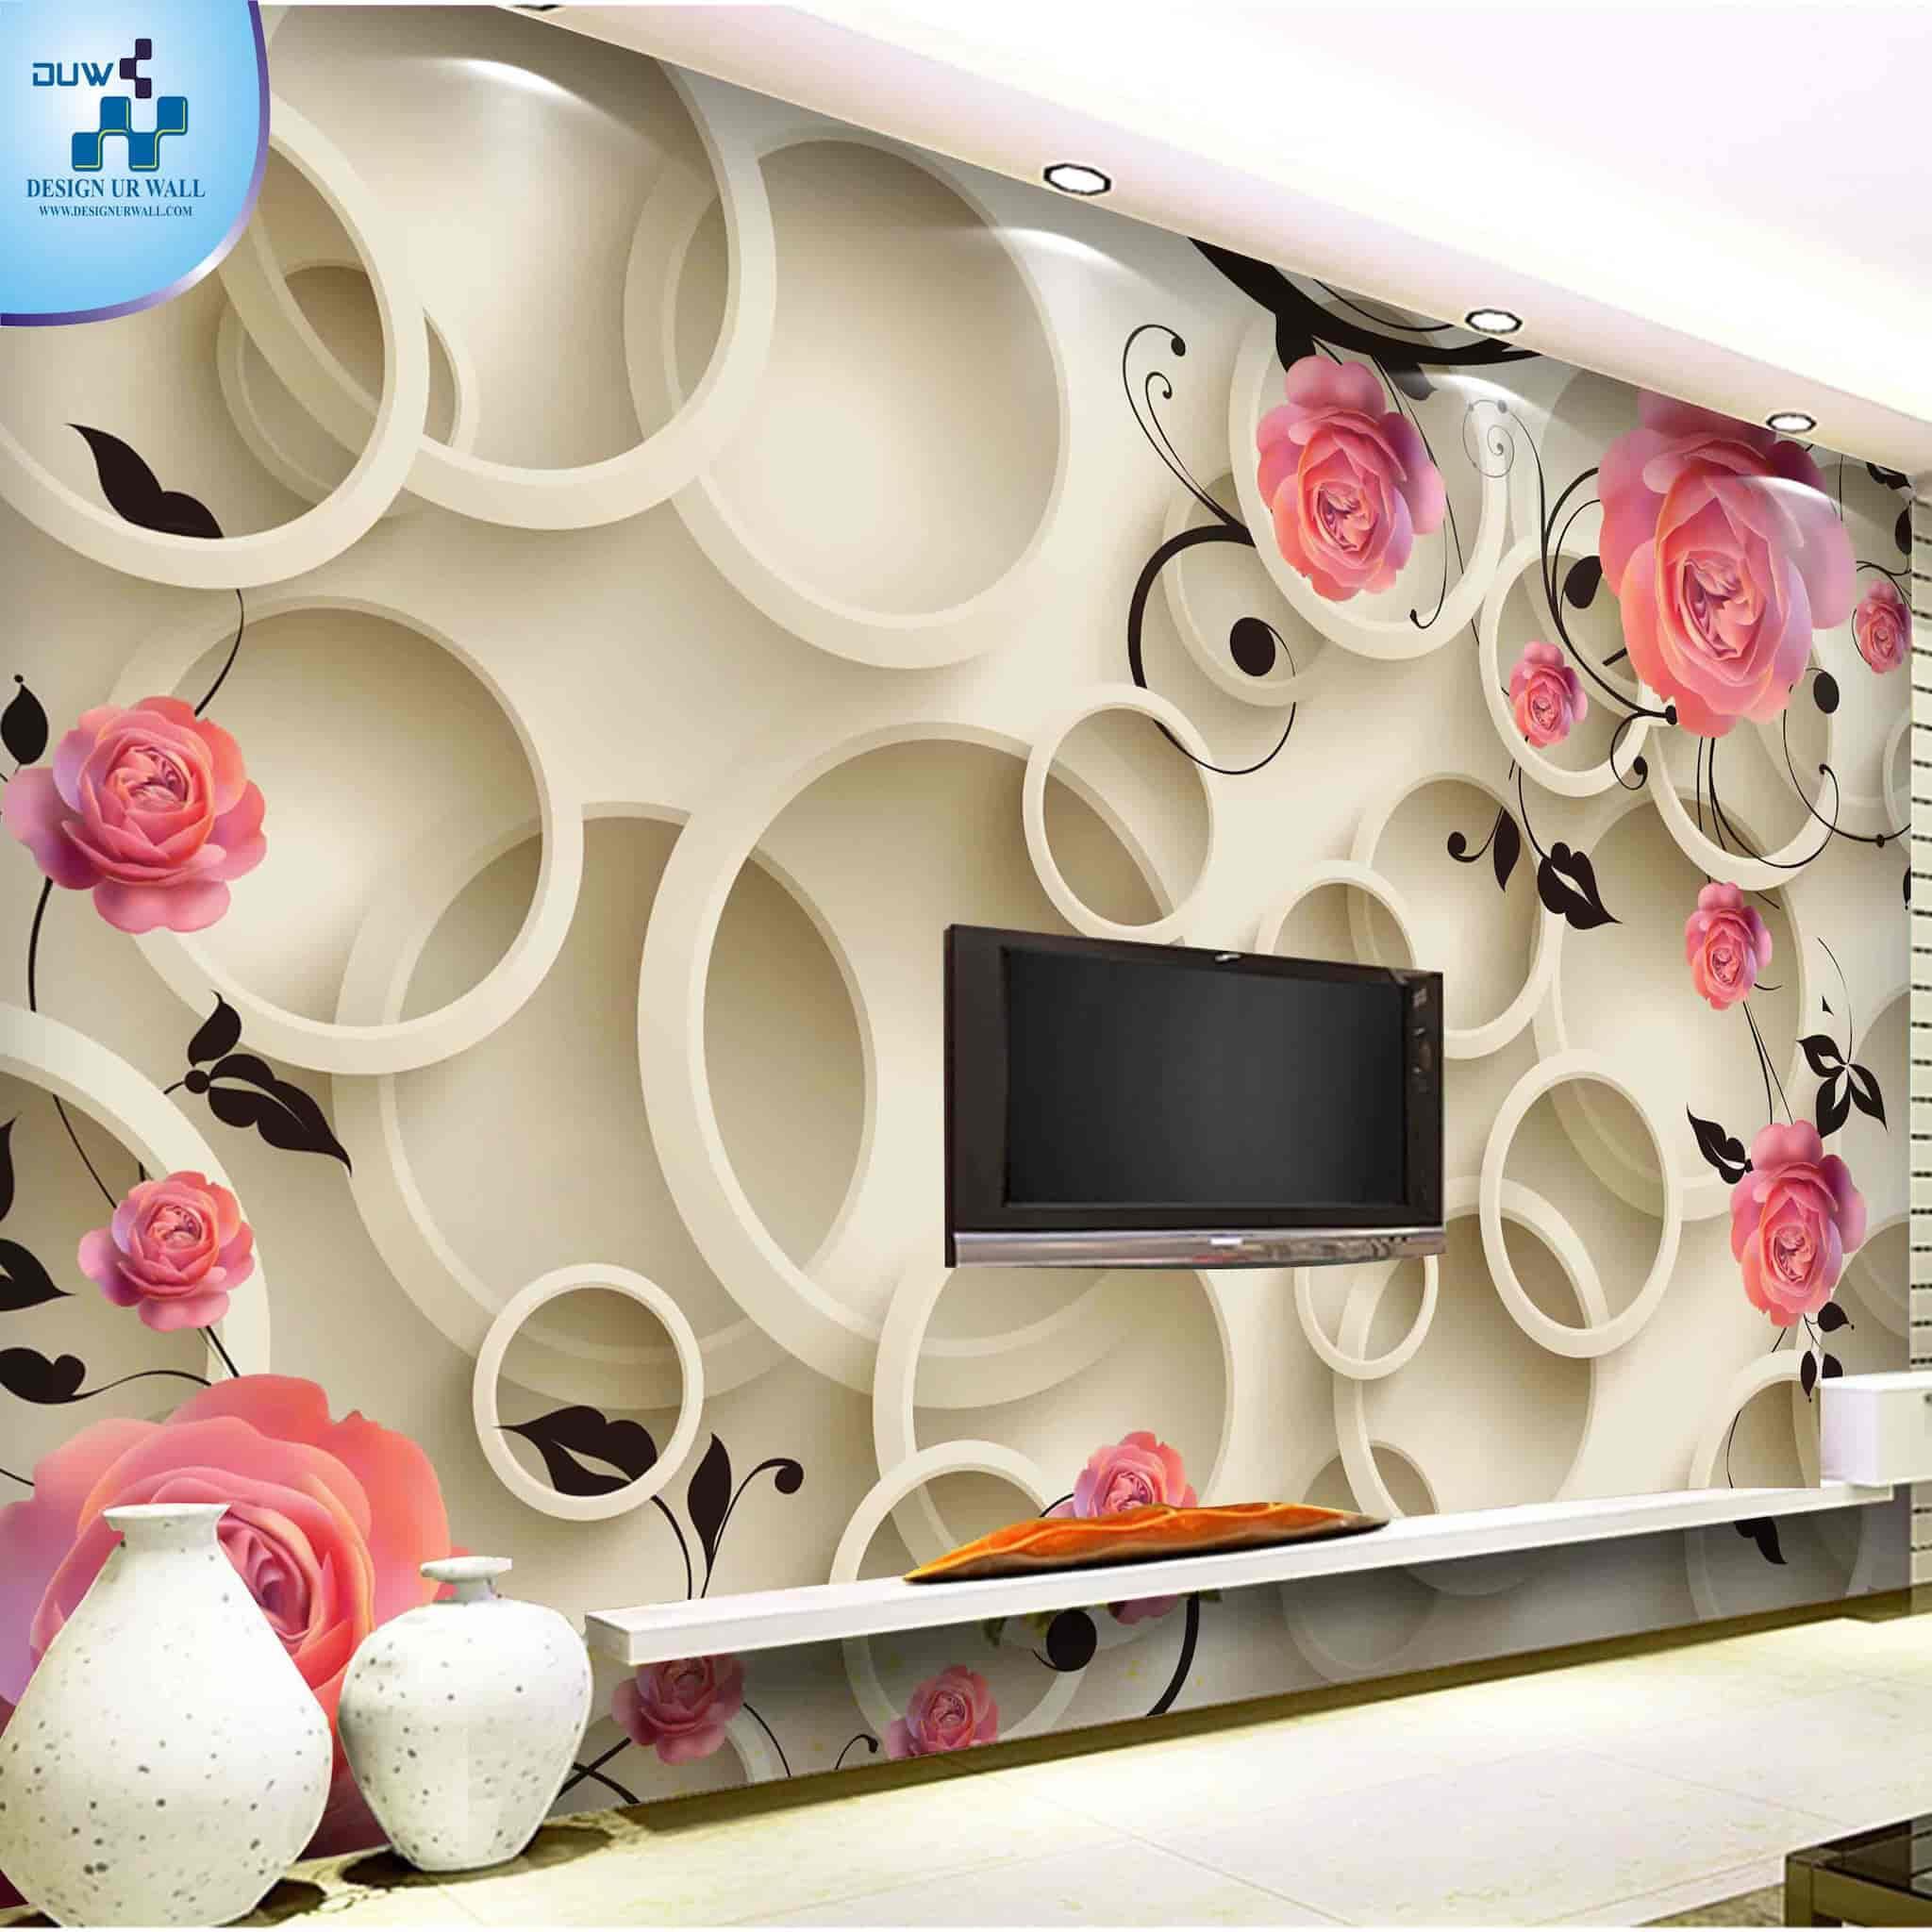 Design Ur Wall Indira Nagar Design Your Wall Wall Paper